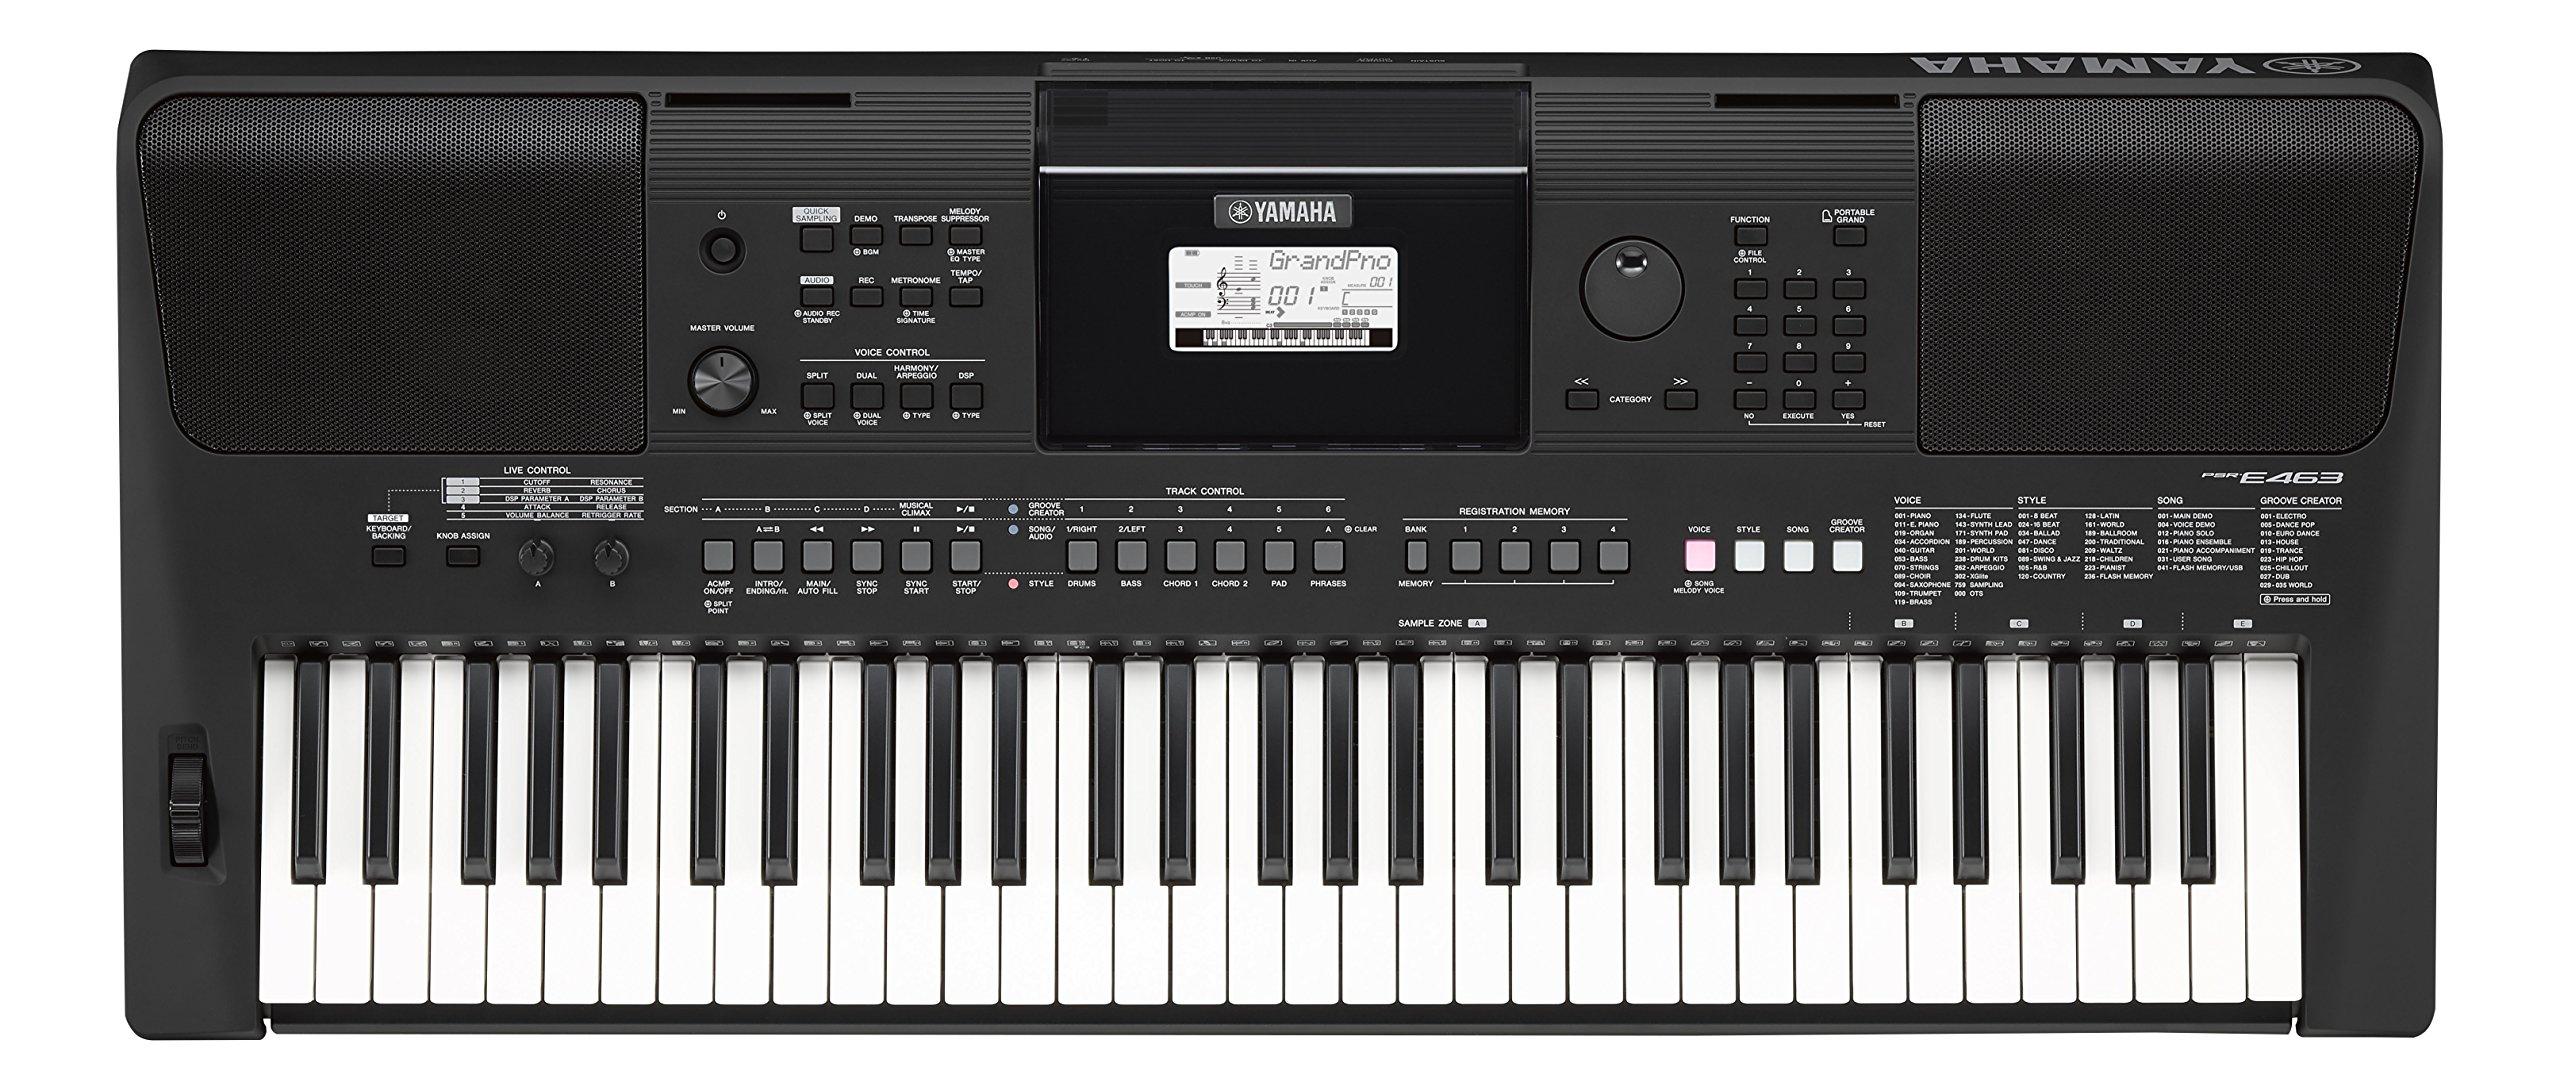 Yamaha PSR-E463 – Teclado digital portátil para principiantes, optimo para interpretar cualquier estilo de música, con 61 teclas, color negro